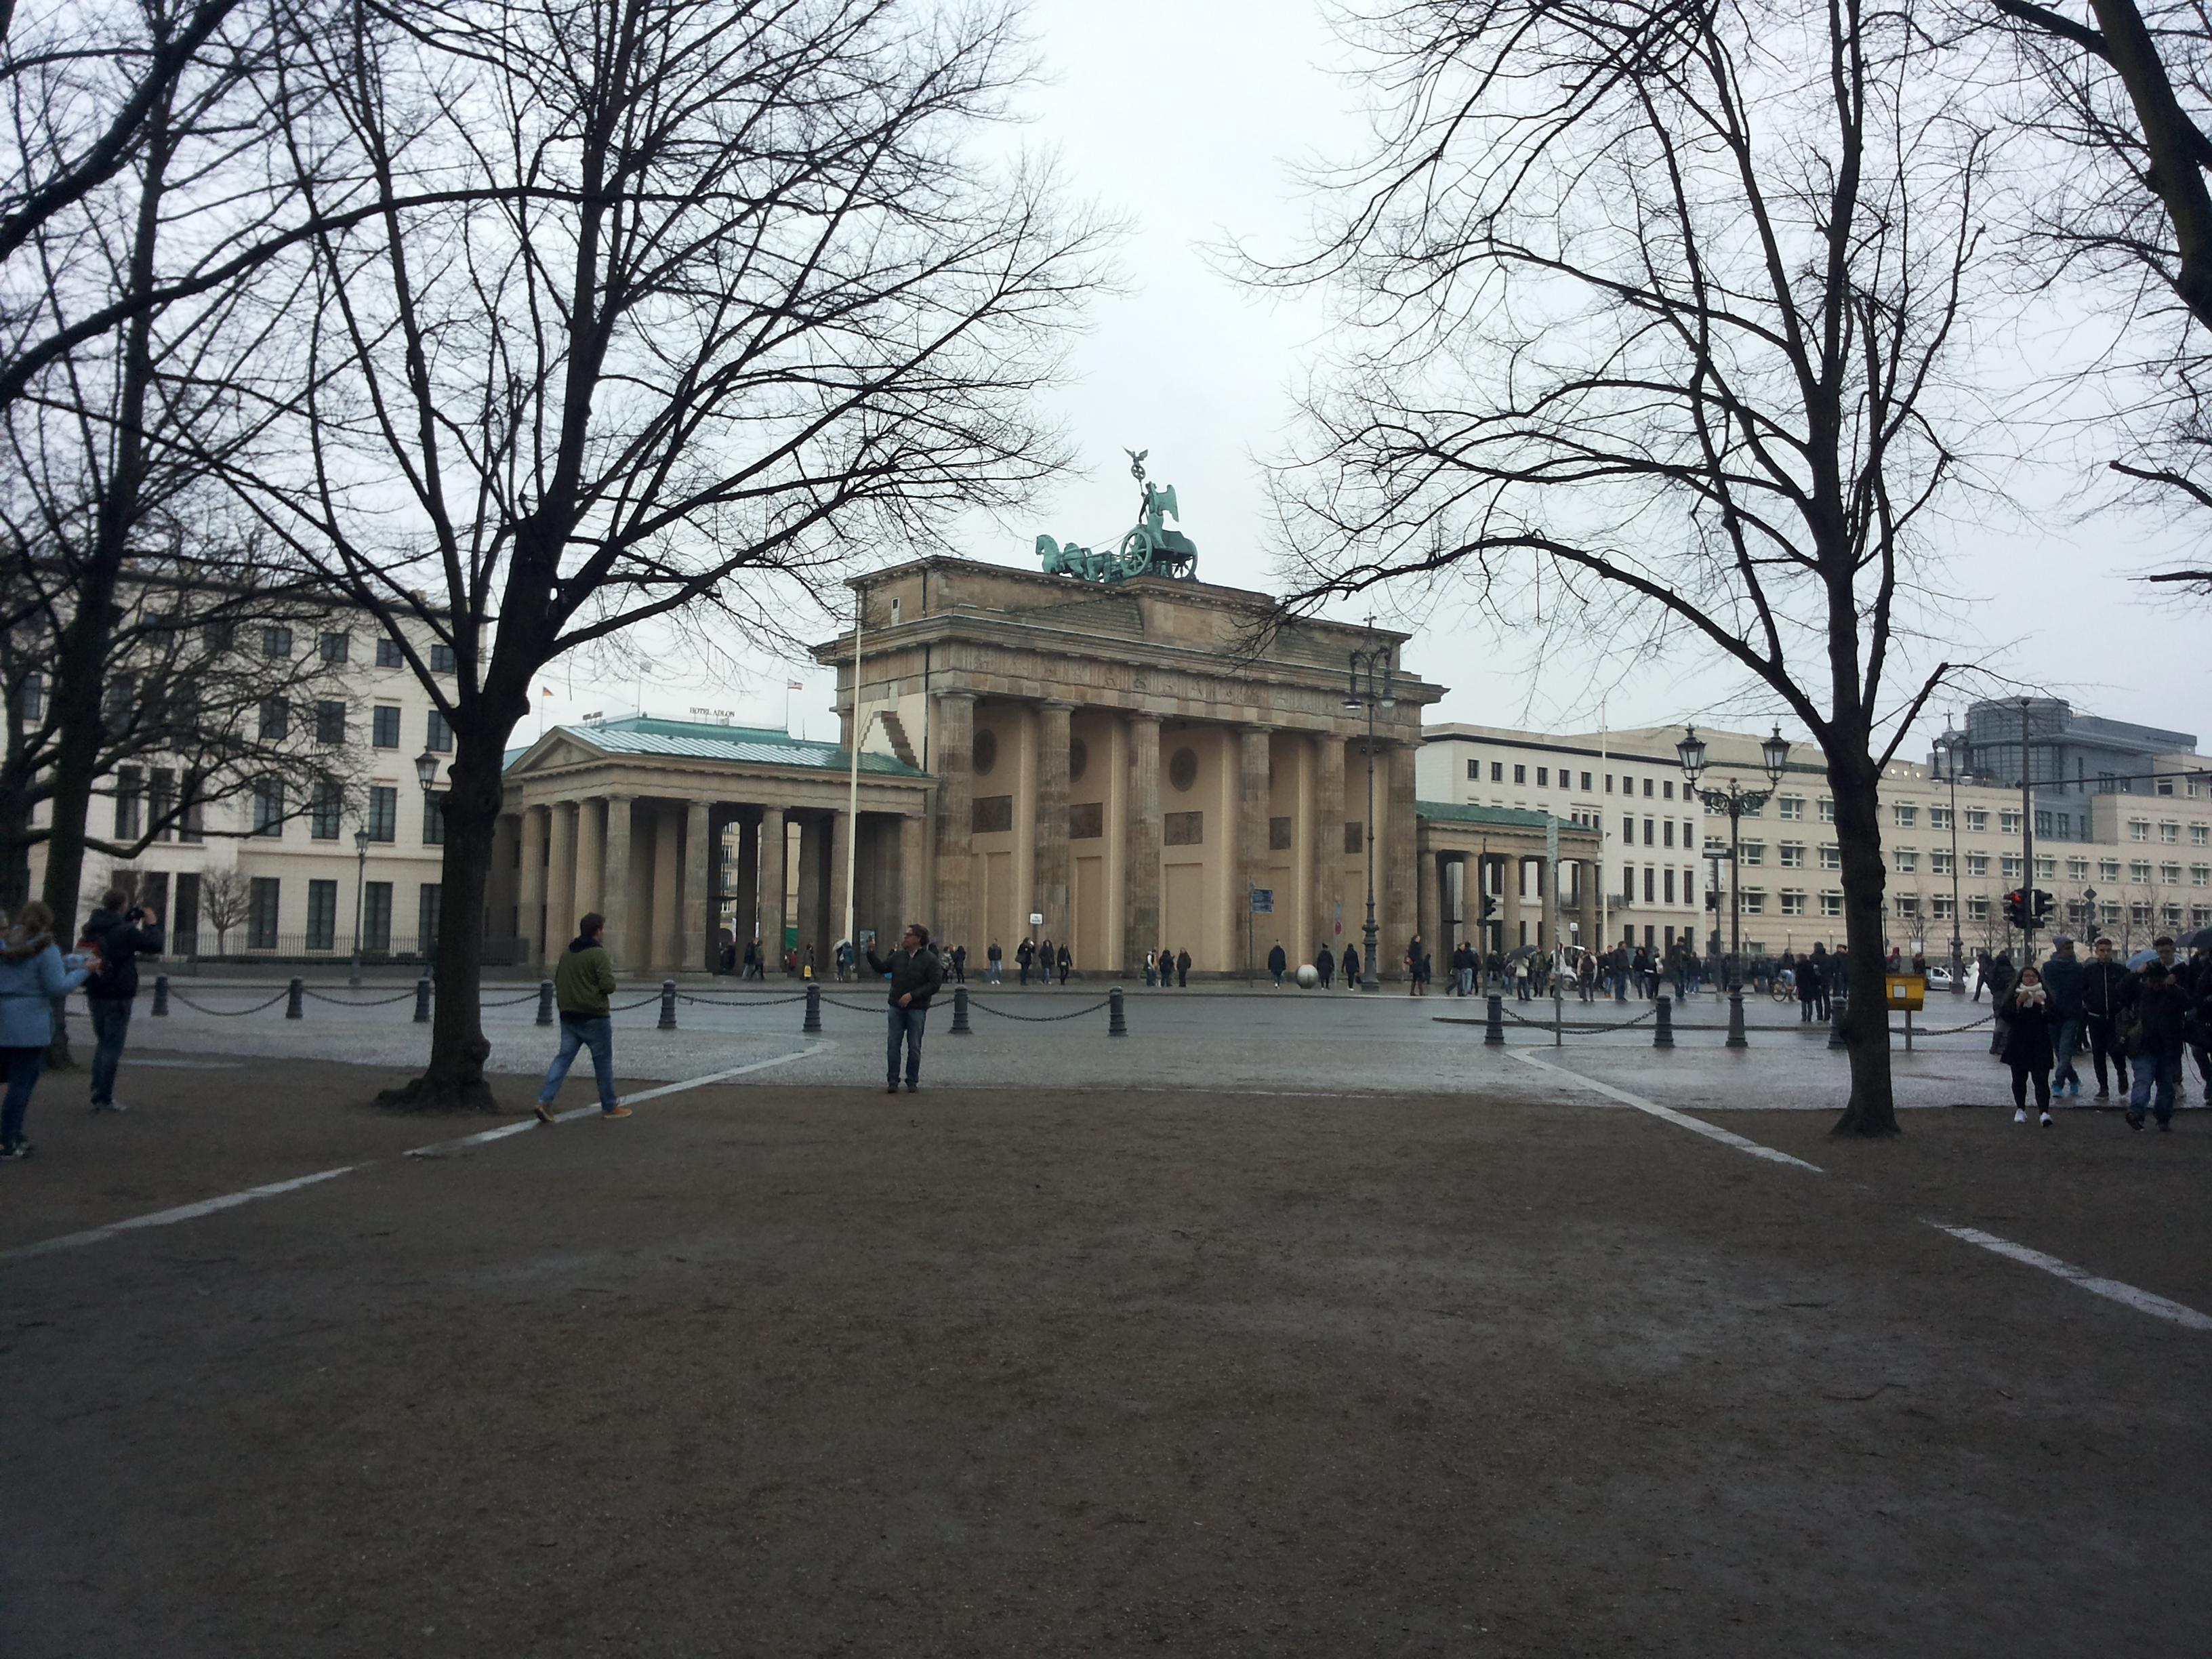 Risultati immagini per BERLINO PORTA DI BRANDEBURGO IMMAGINE?